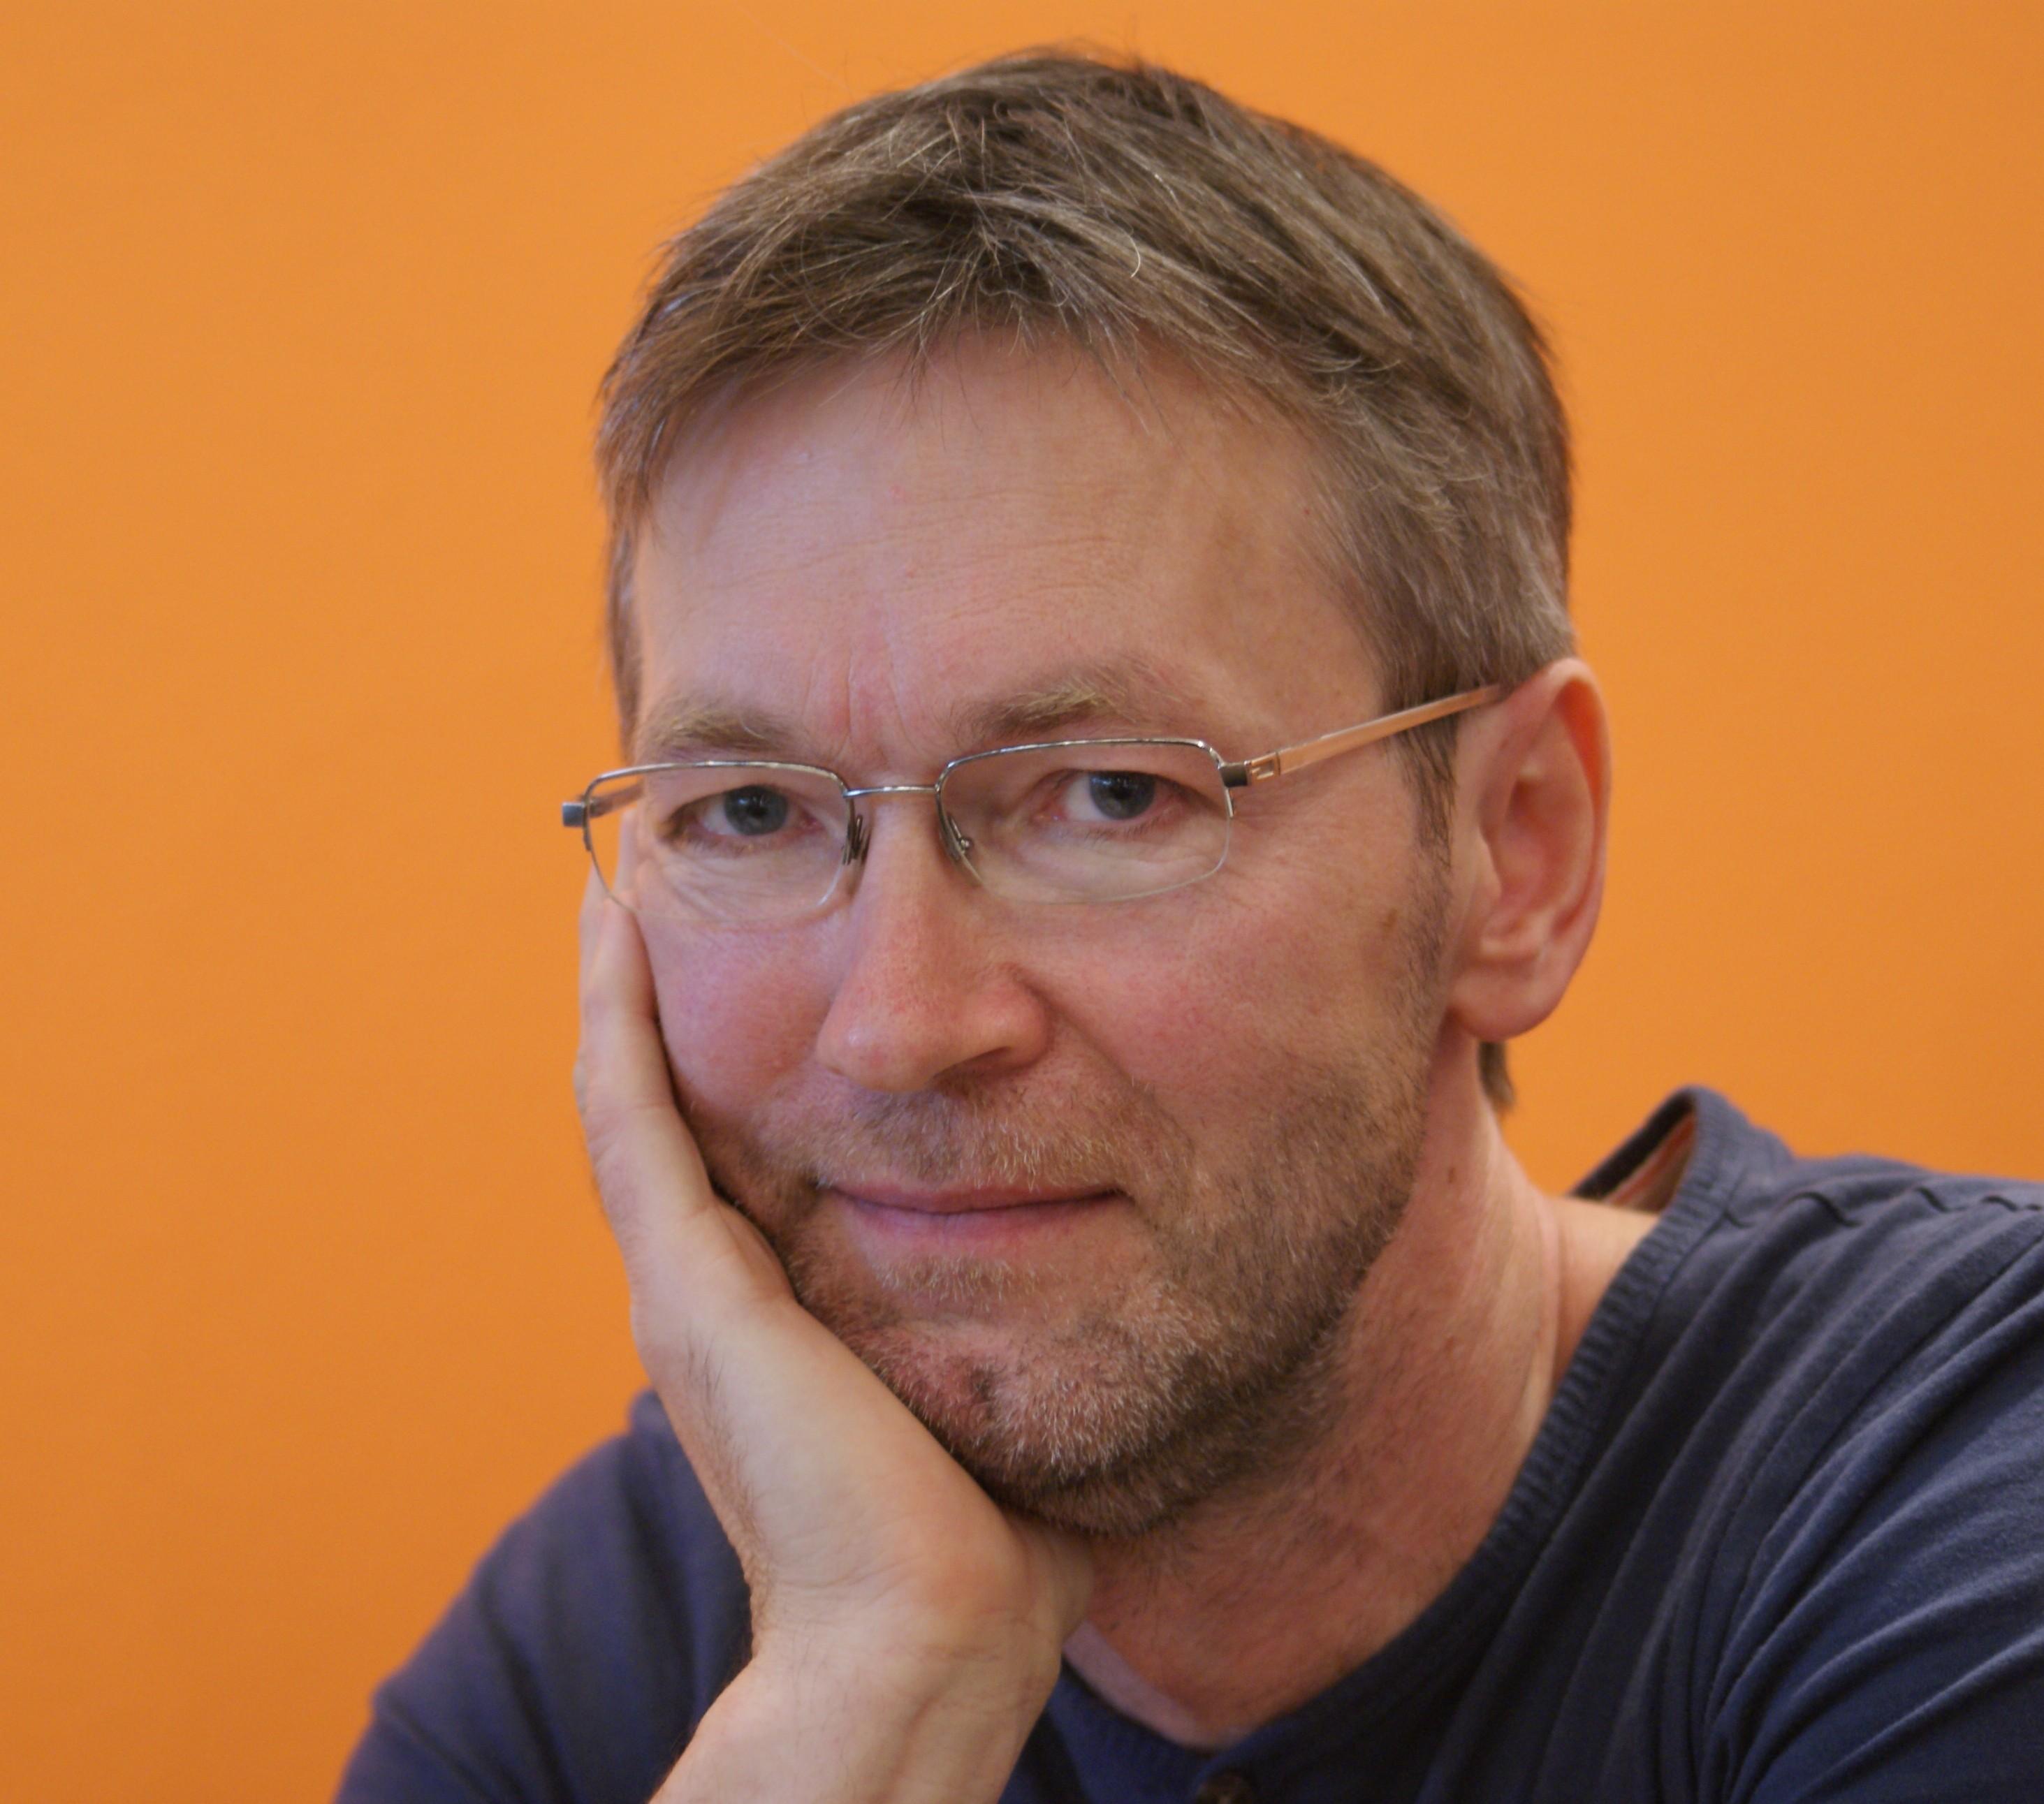 Tecknaren Jan Berglin på bokmässan 2011